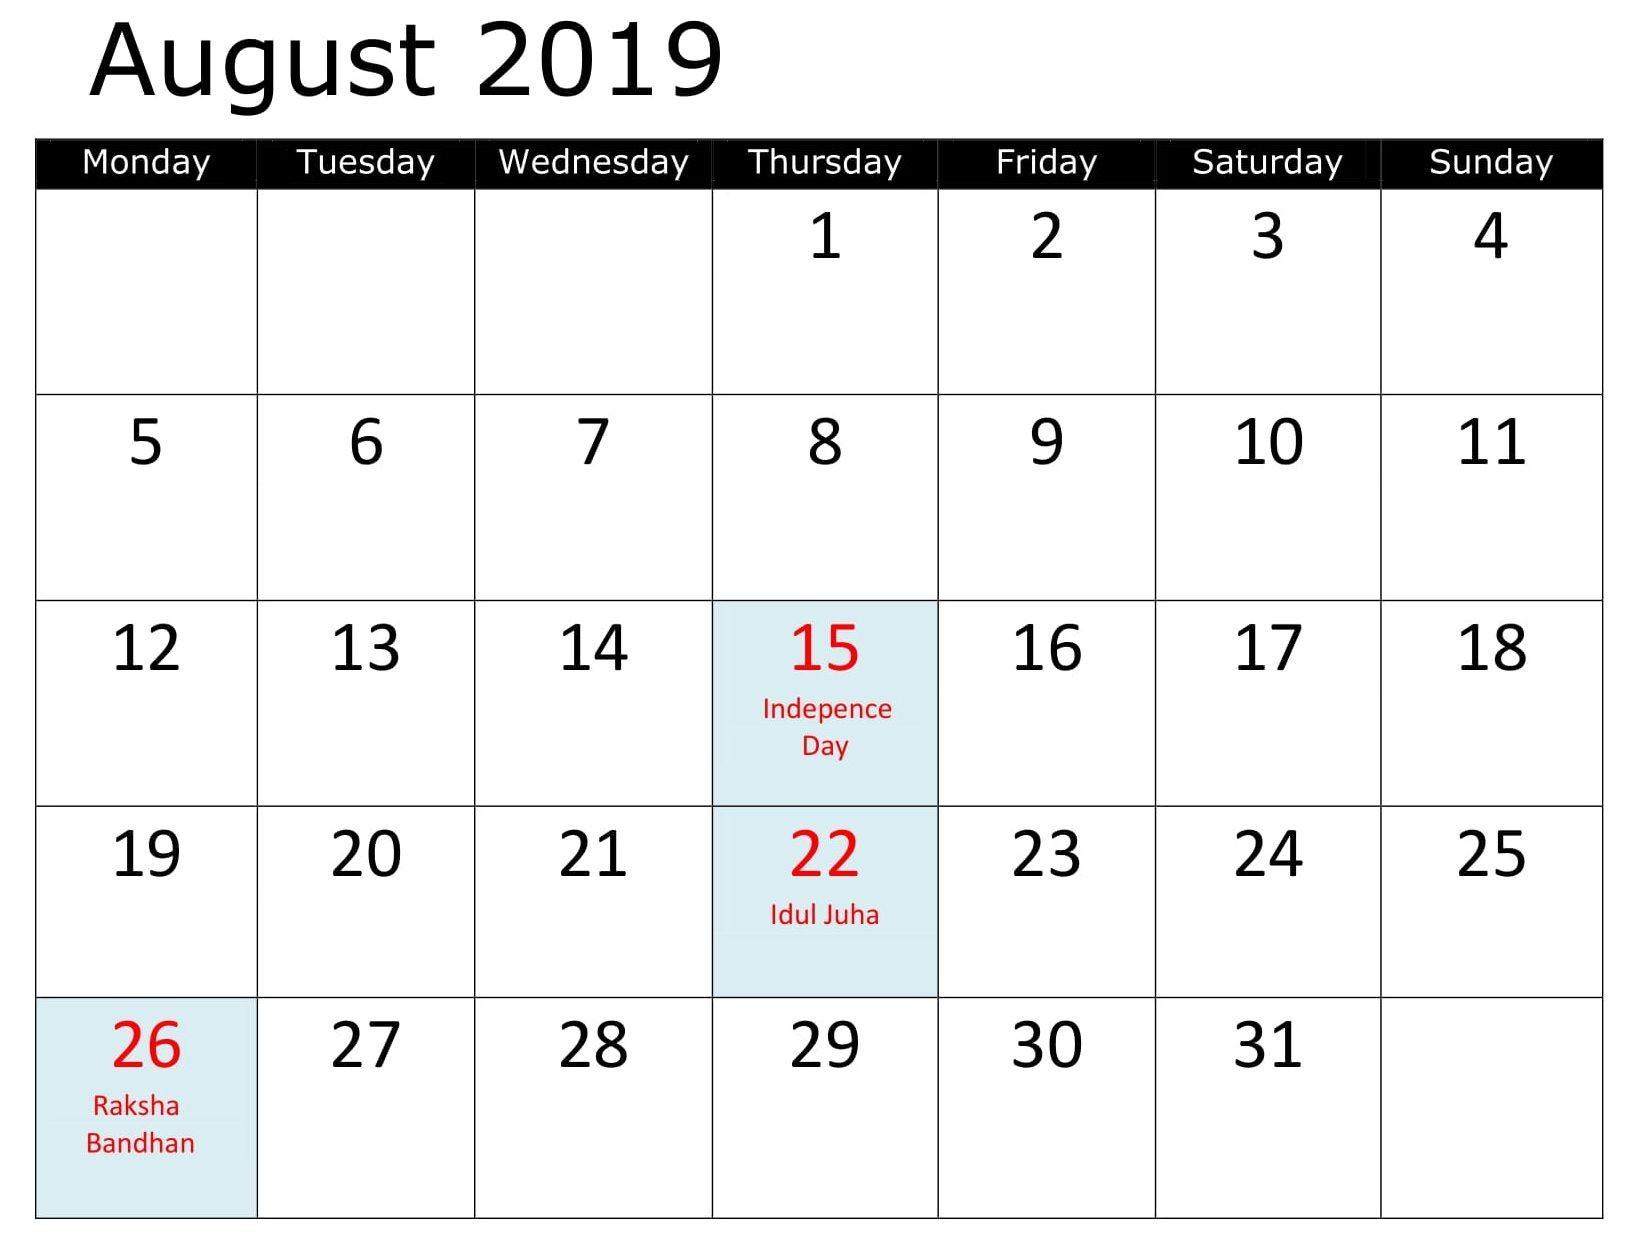 Calendario S.e.p. 2019 Más Arriba-a-fecha Calendar August 2019 with Holidays Excel Of Calendario S.e.p. 2019 Recientes Wall Calendar 2019 2019calendar Printablecalendar